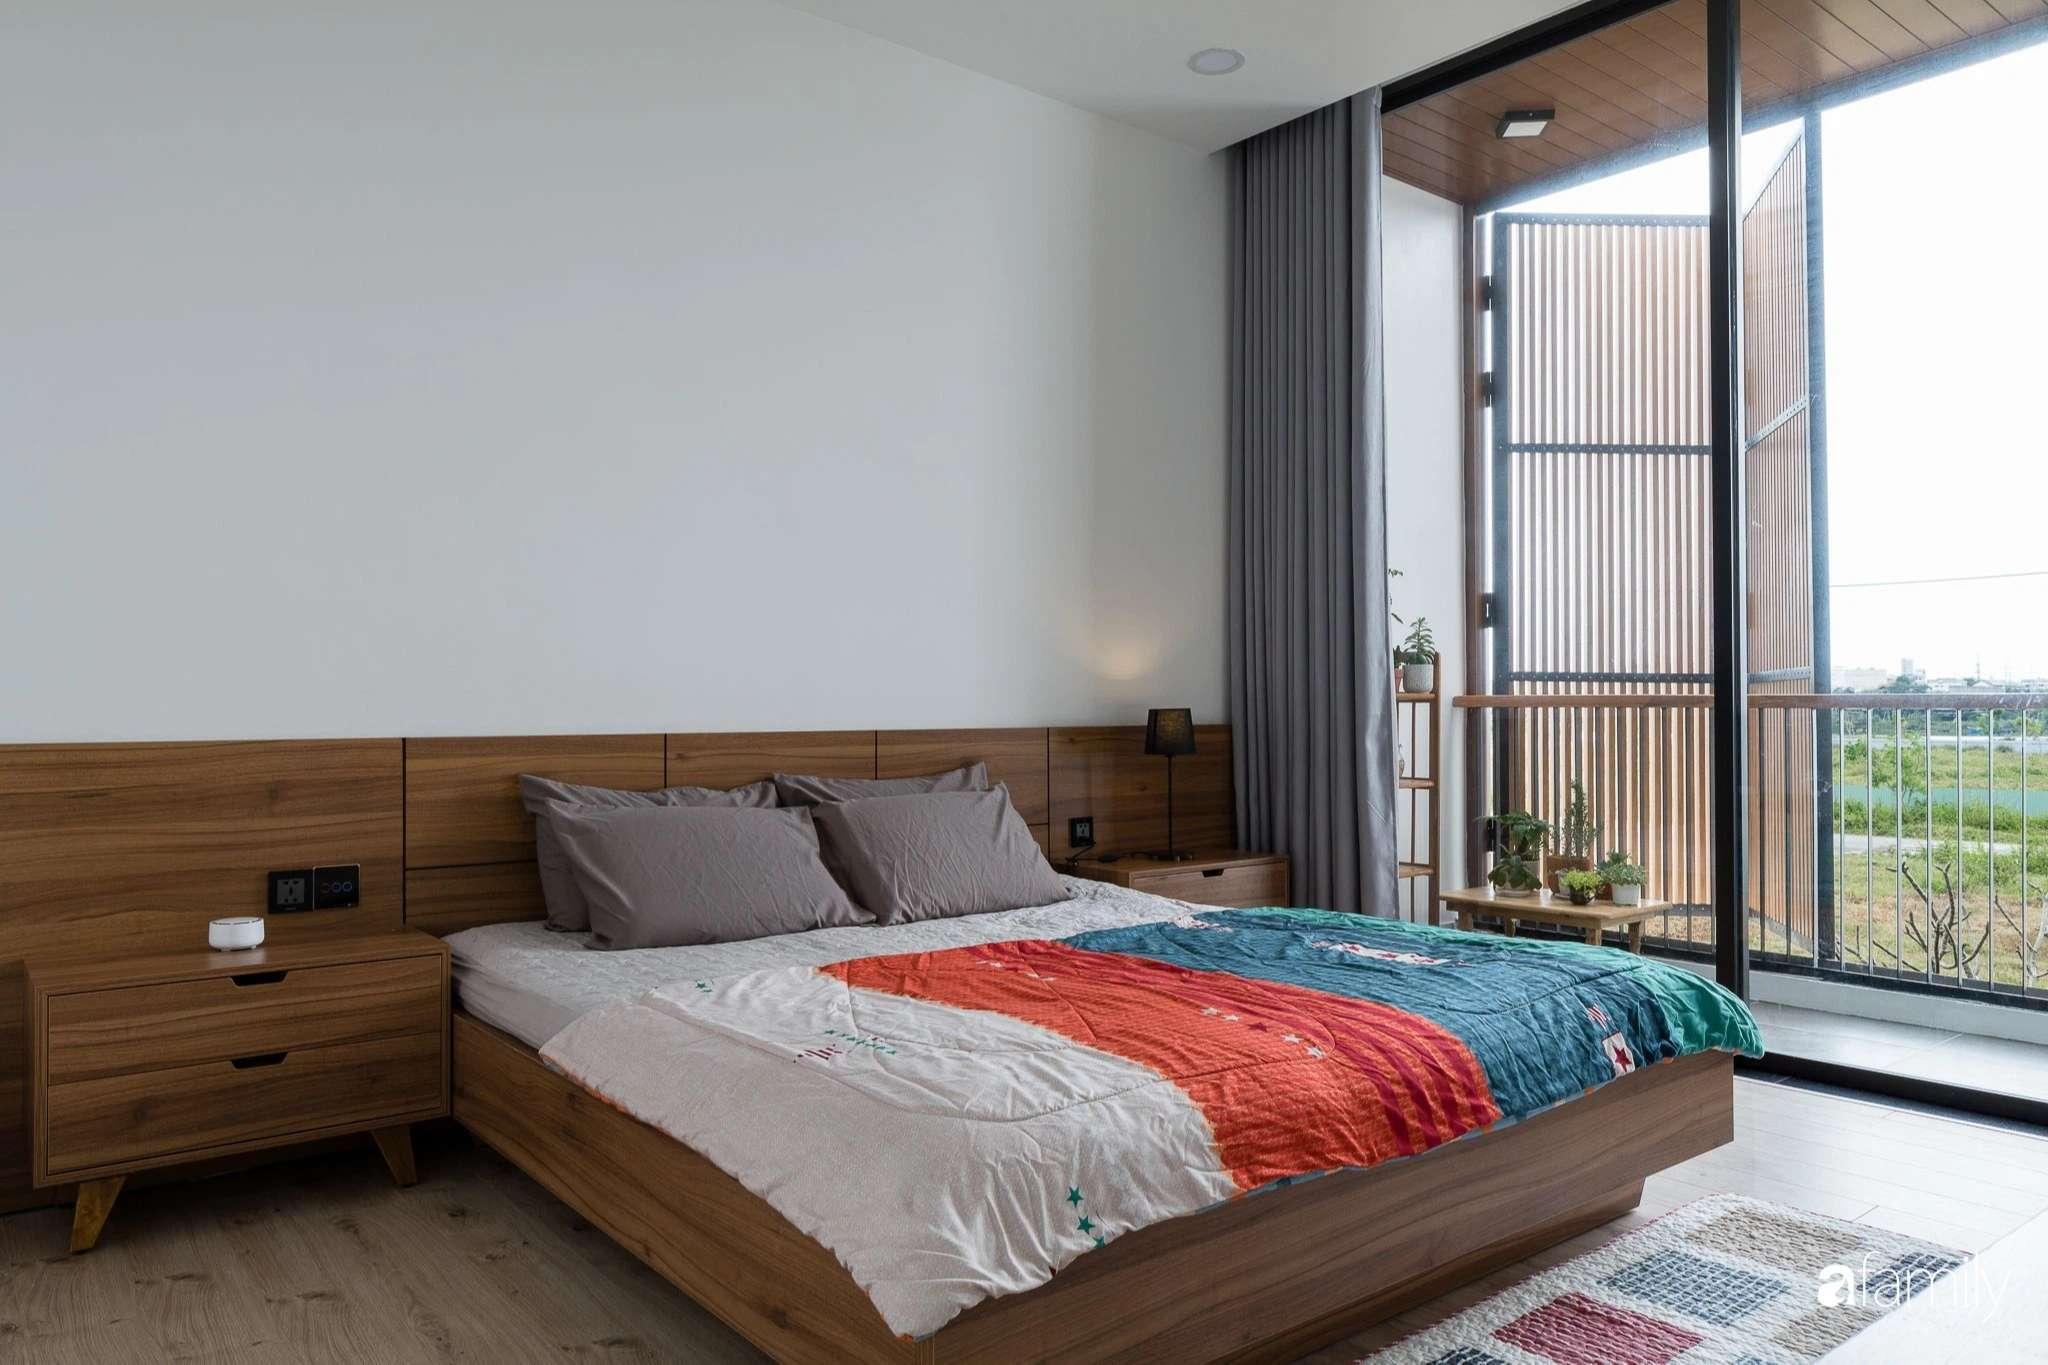 Các không gian phòng ngủ được bố trí phía trên tầng để tạo sự riêng tư và tách biệt với phía dưới.